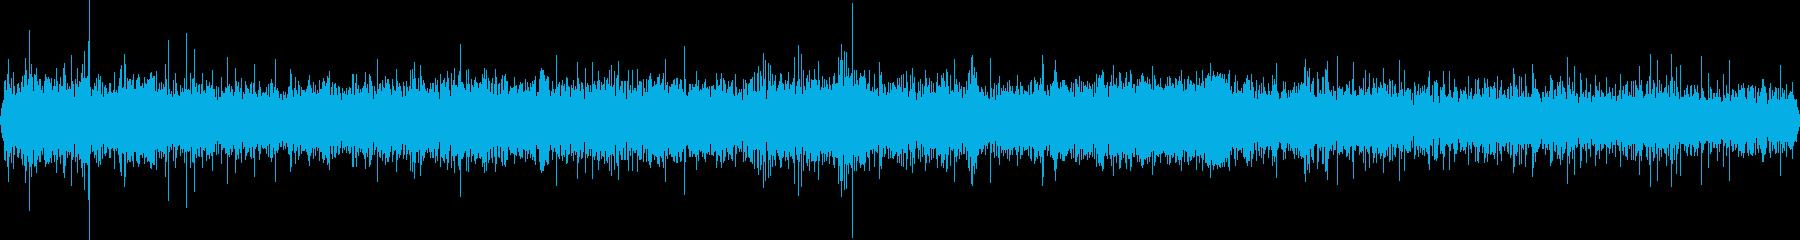 イルカ、スピナークリック。複数のク...の再生済みの波形